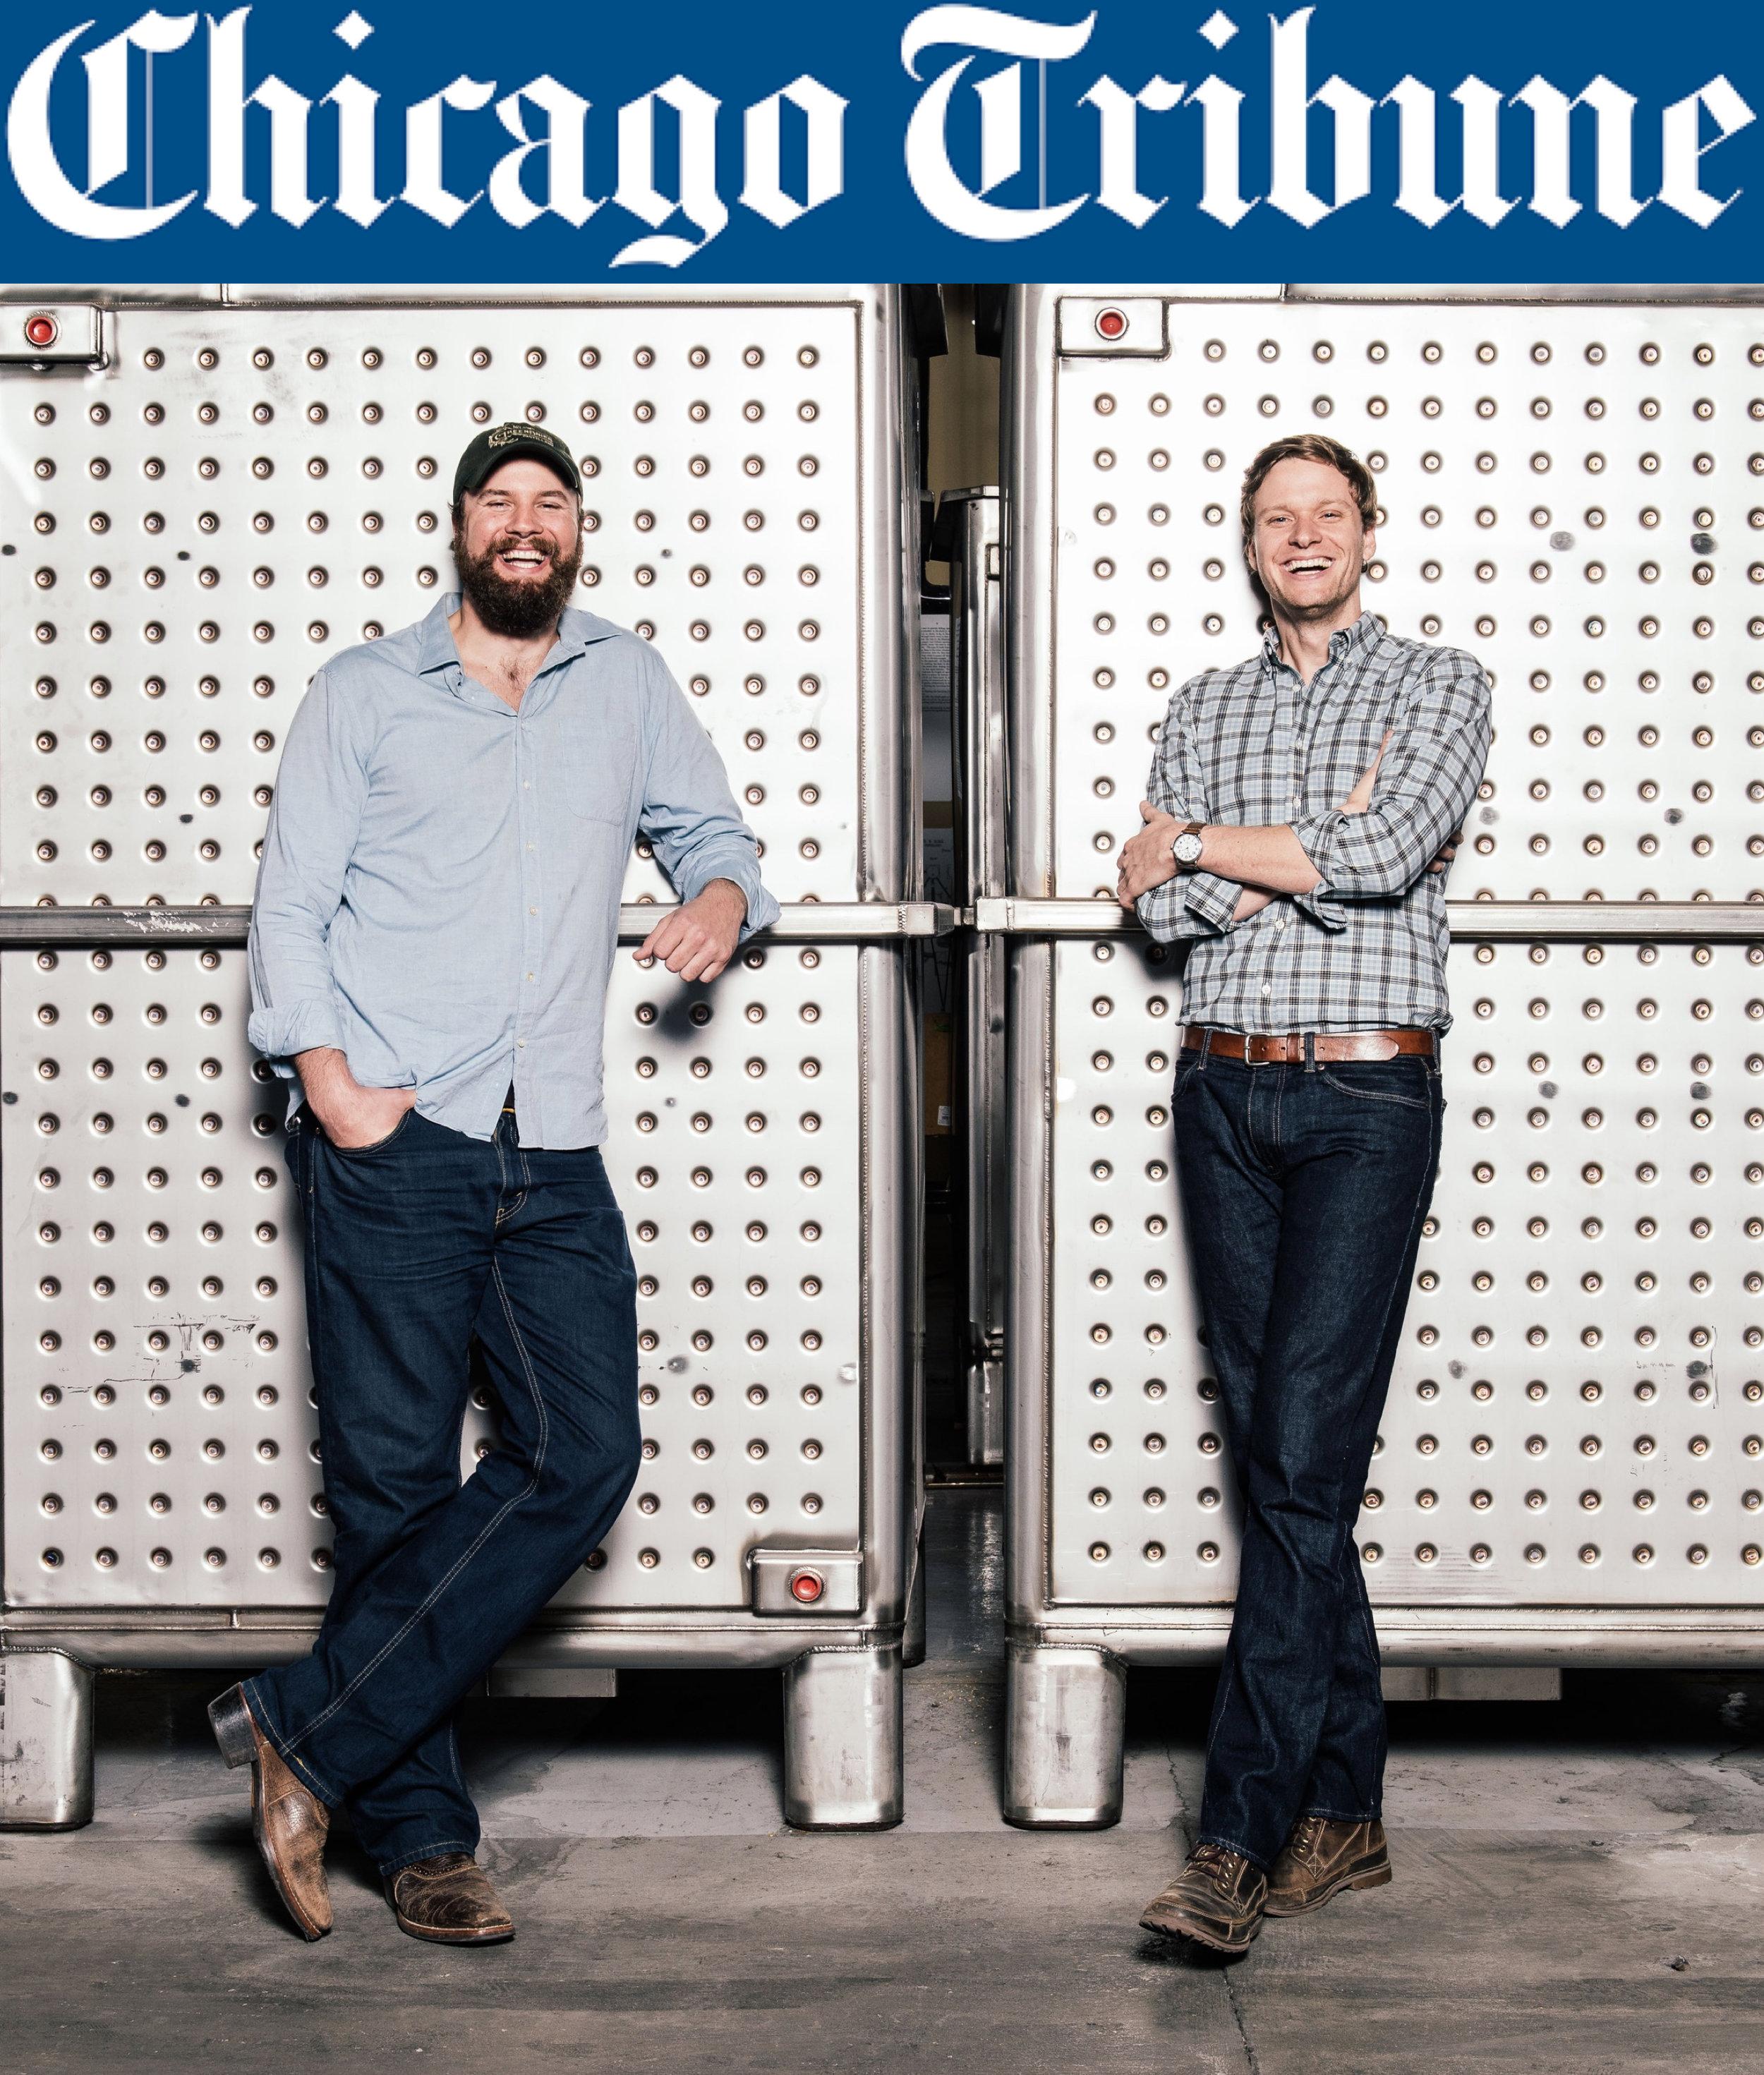 Chicago Tribune.001.jpeg